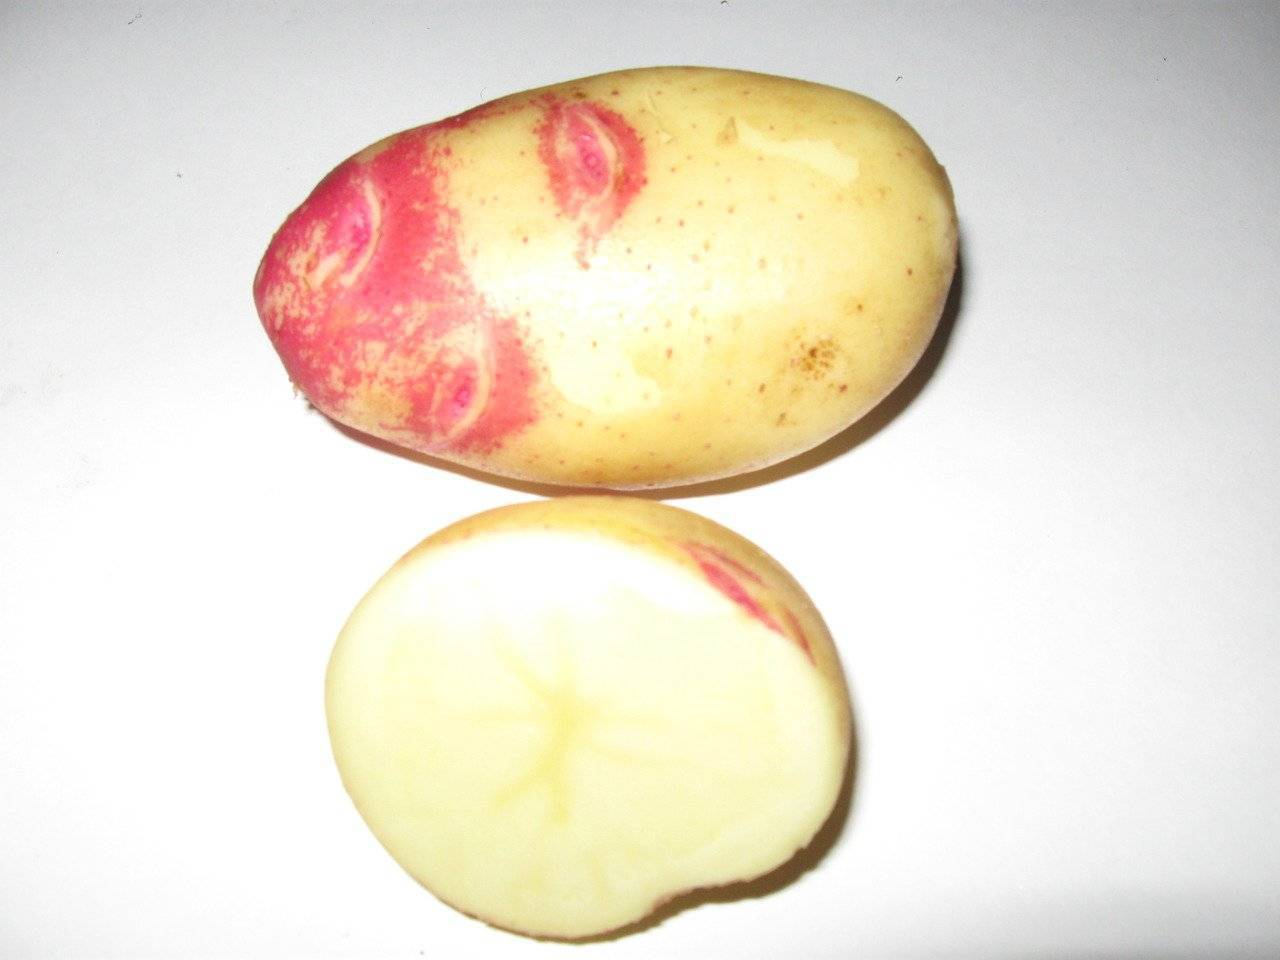 Картофель адретта: описание и характеристика сорта, фото, отзывы